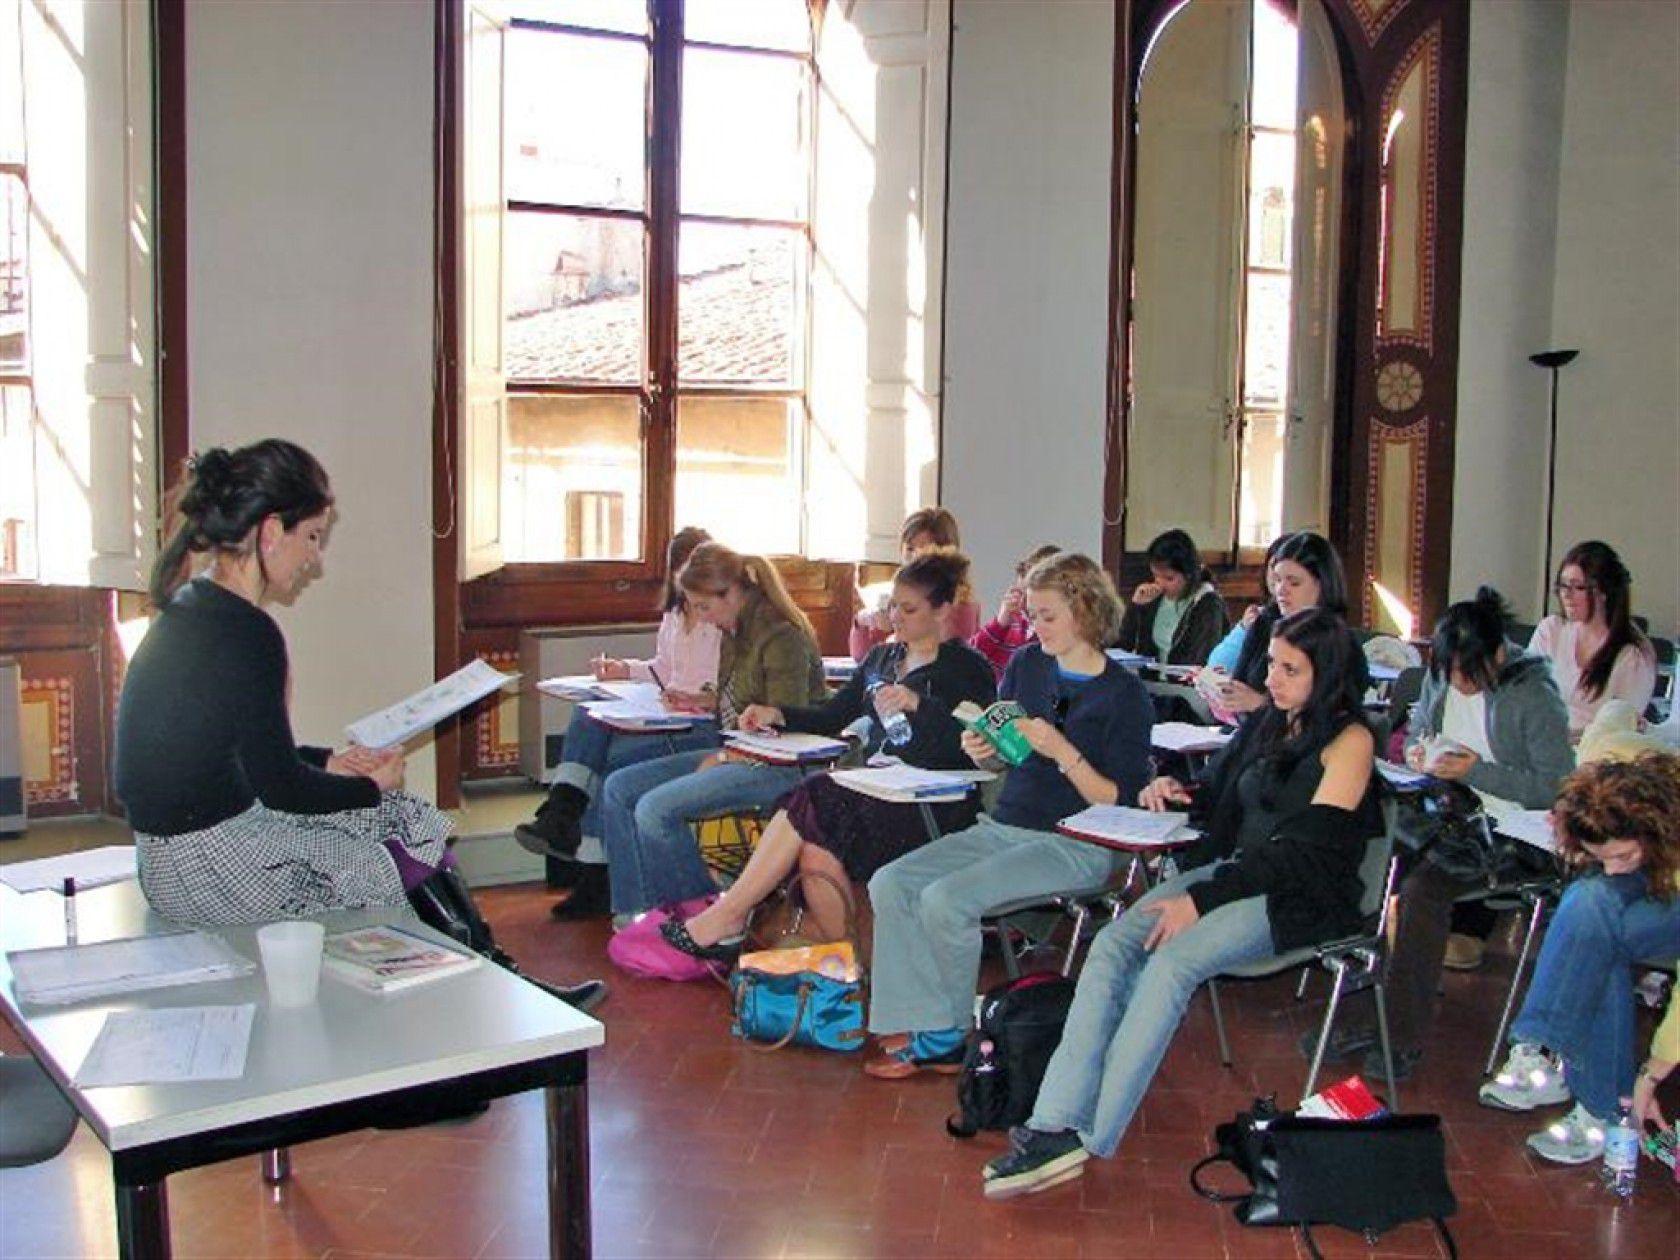 İtalya'dan alınan ortaokul diplomasının faydaları nelerdir?